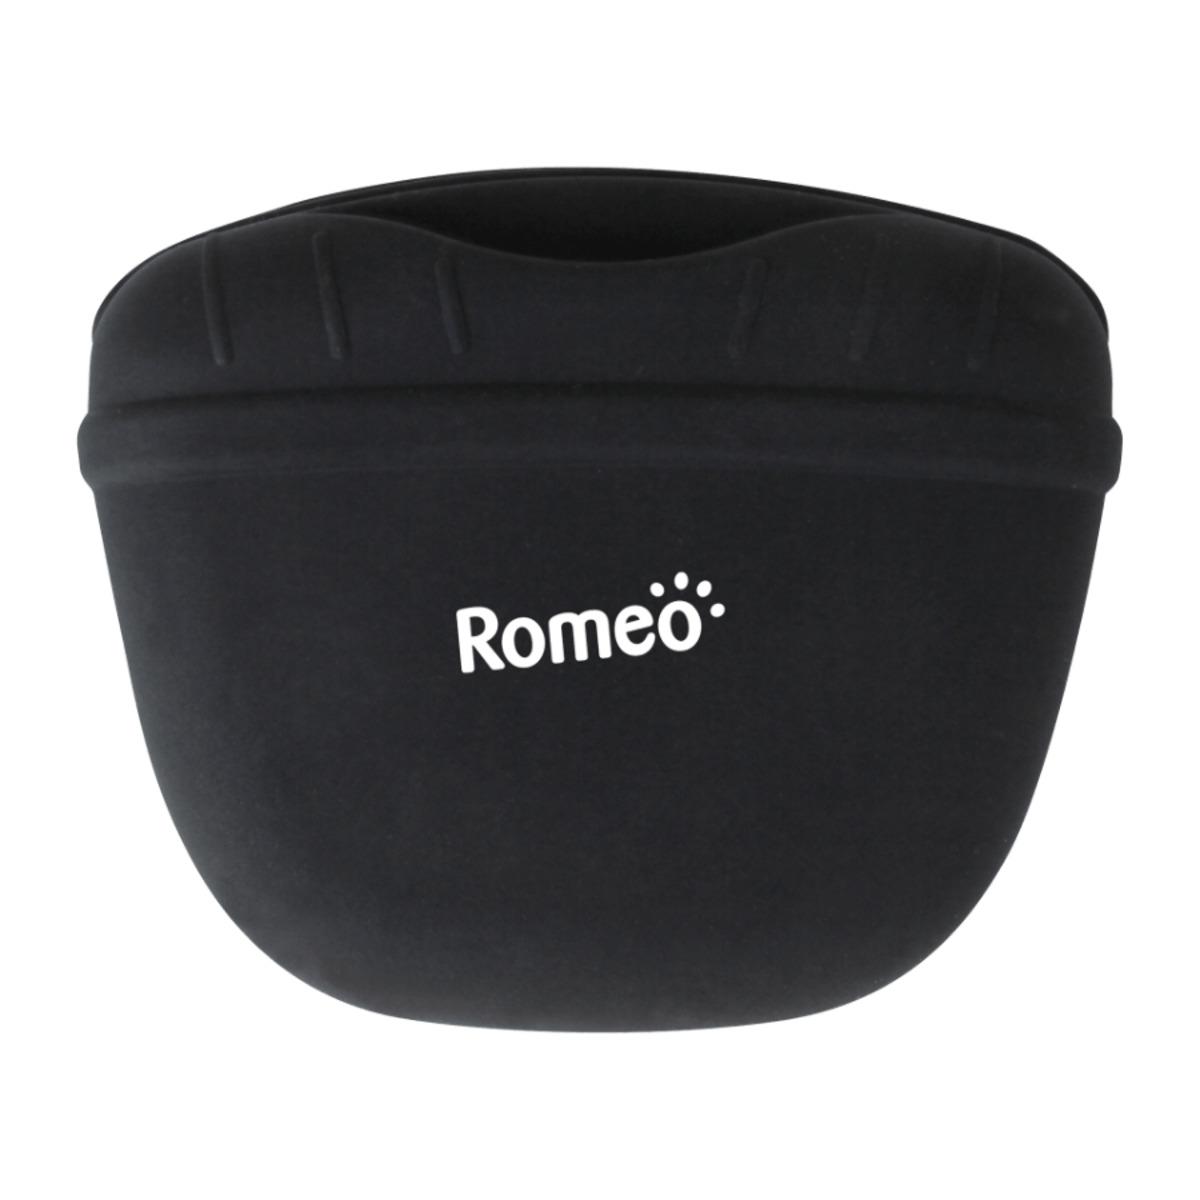 Bild 2 von ROMEO     Futtertasche